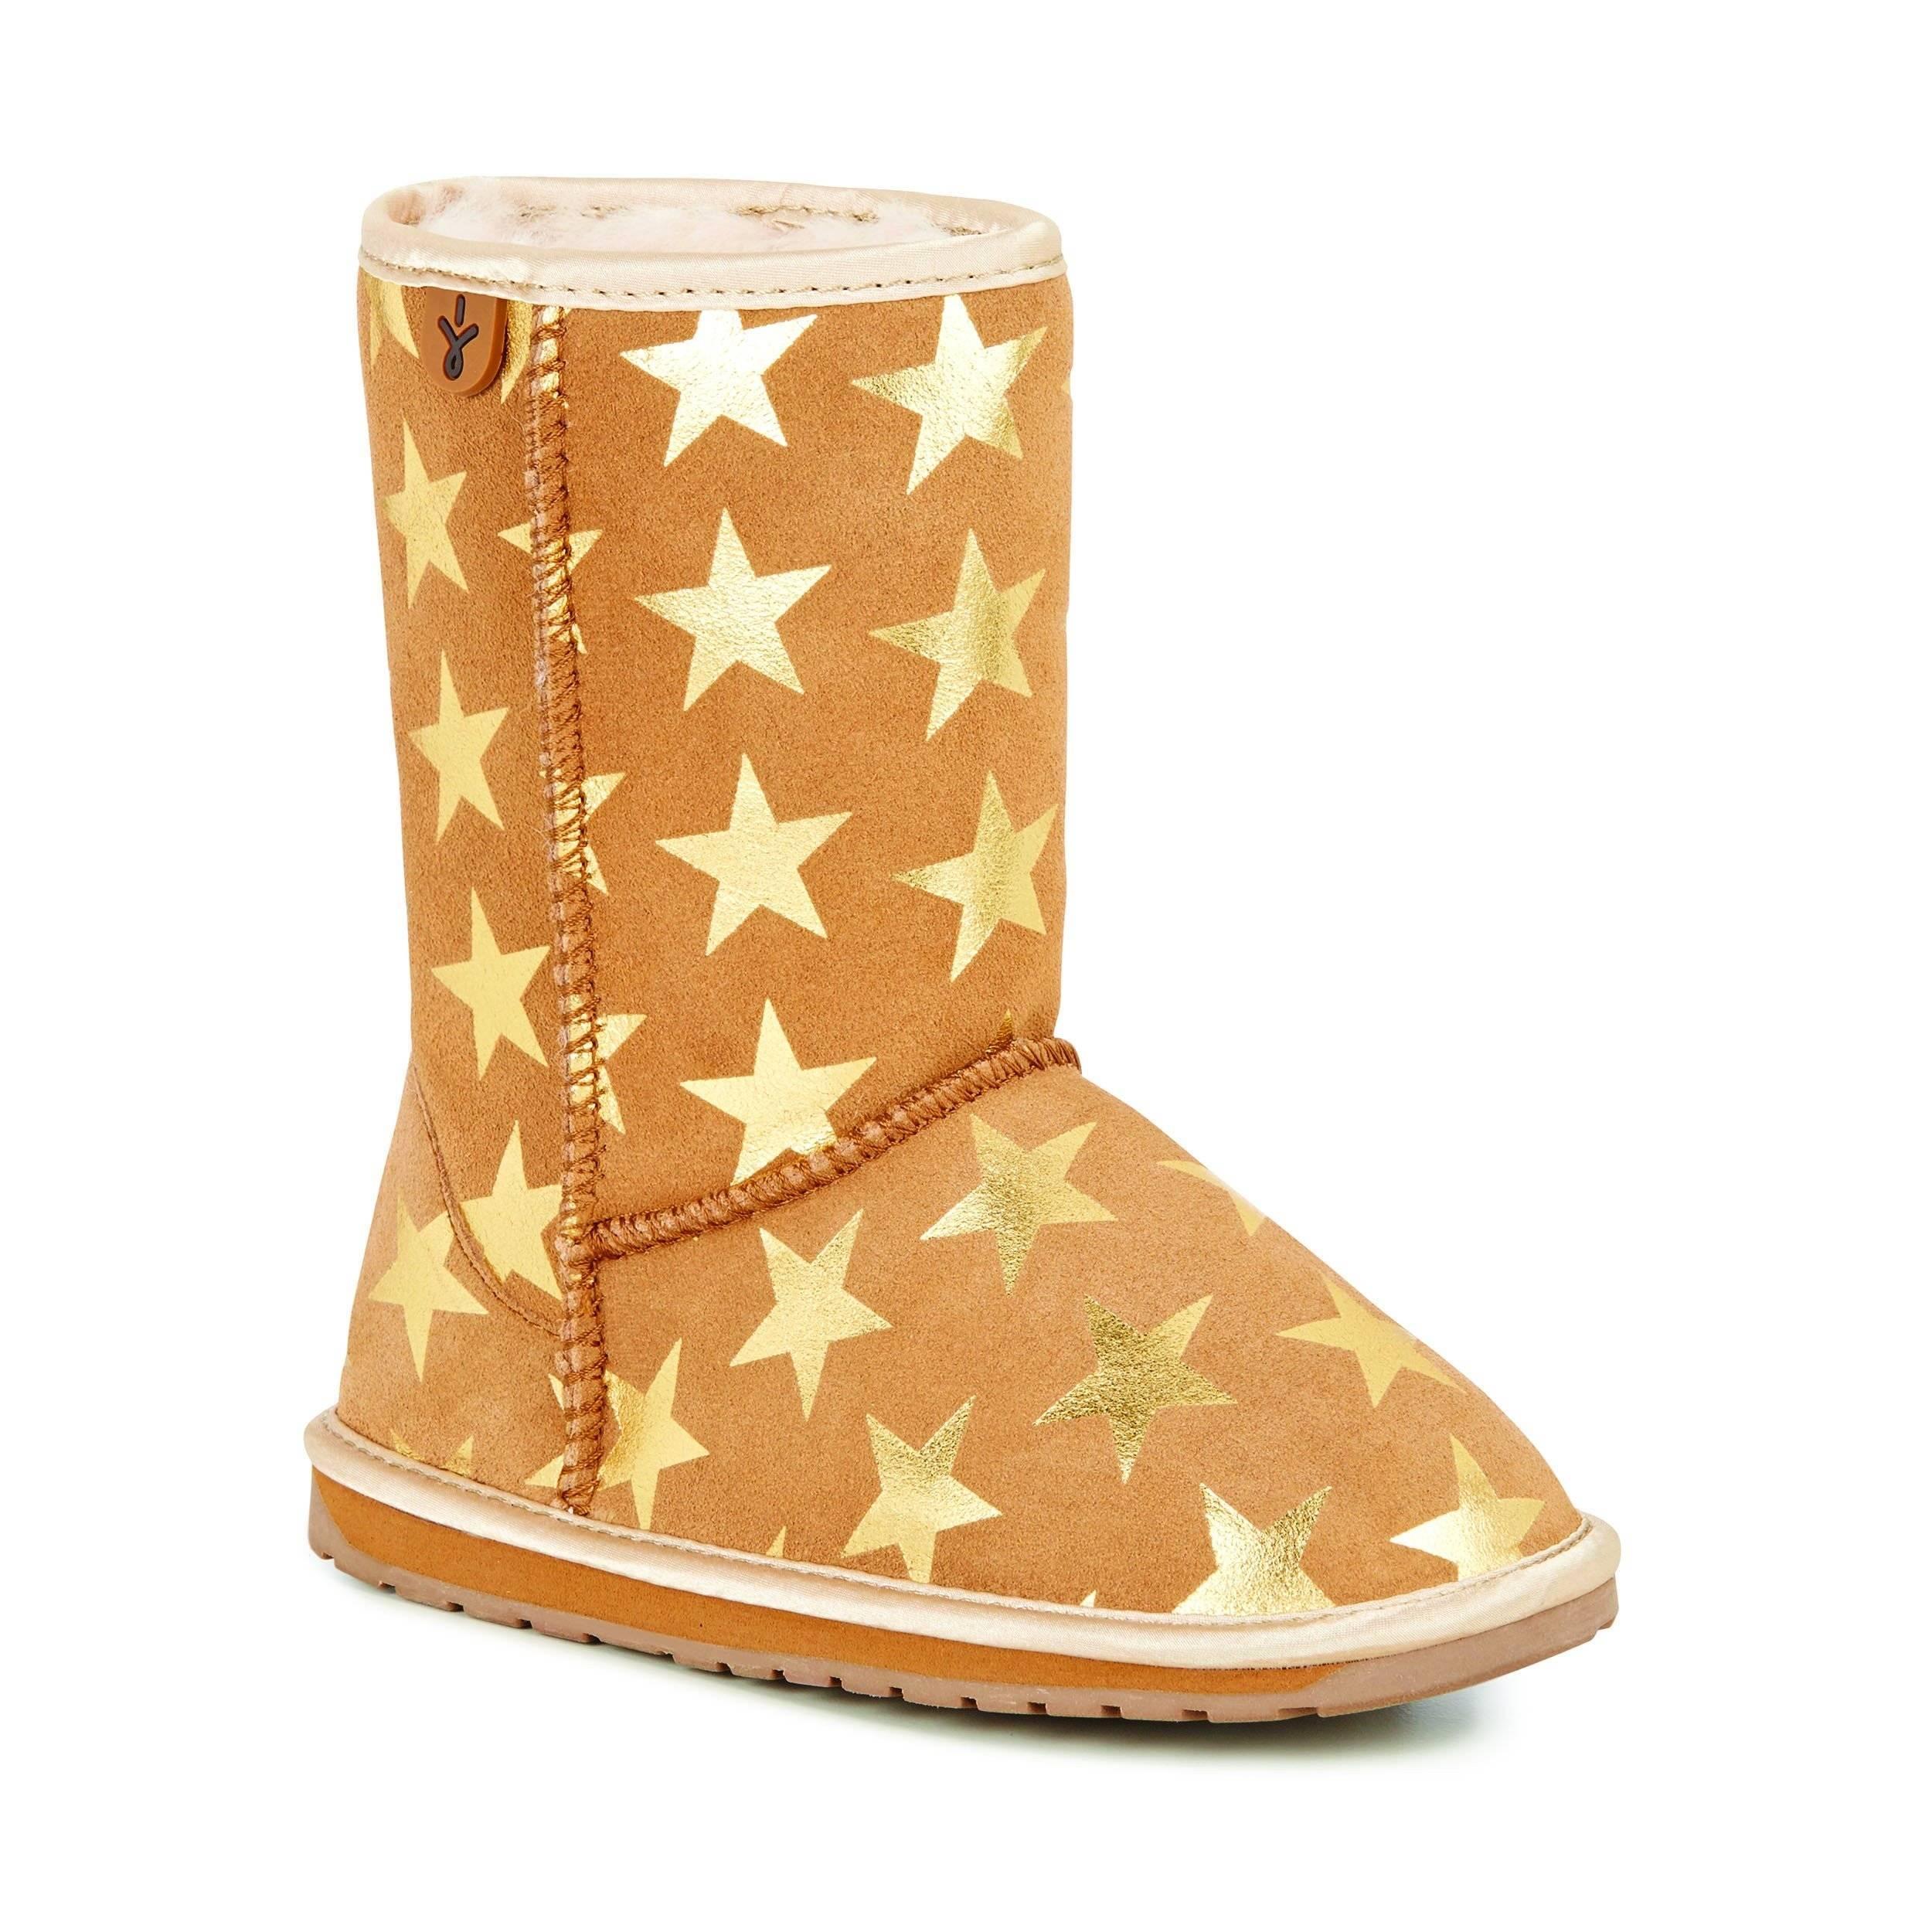 Обувь для малоподвижного годовалого ребенка до -5/-10 - запись пользователя мария (id1537273) в сообществе выбор товаров в категории детская обувь - babyblog.ru